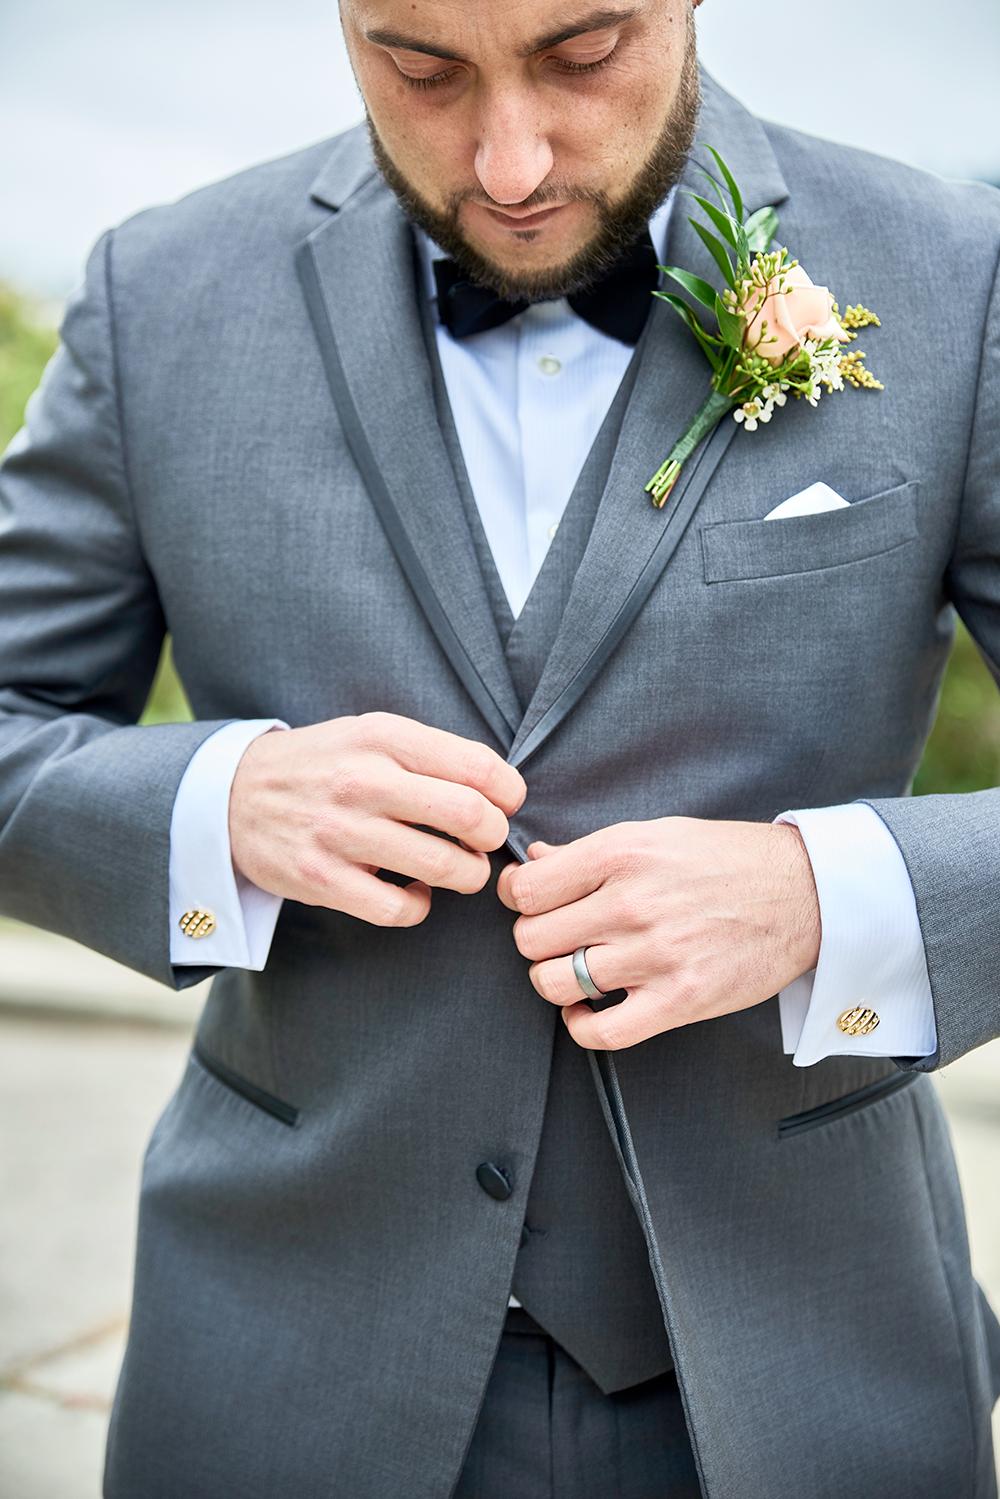 2017KrystalCraven-groom-prep-jacket-botton